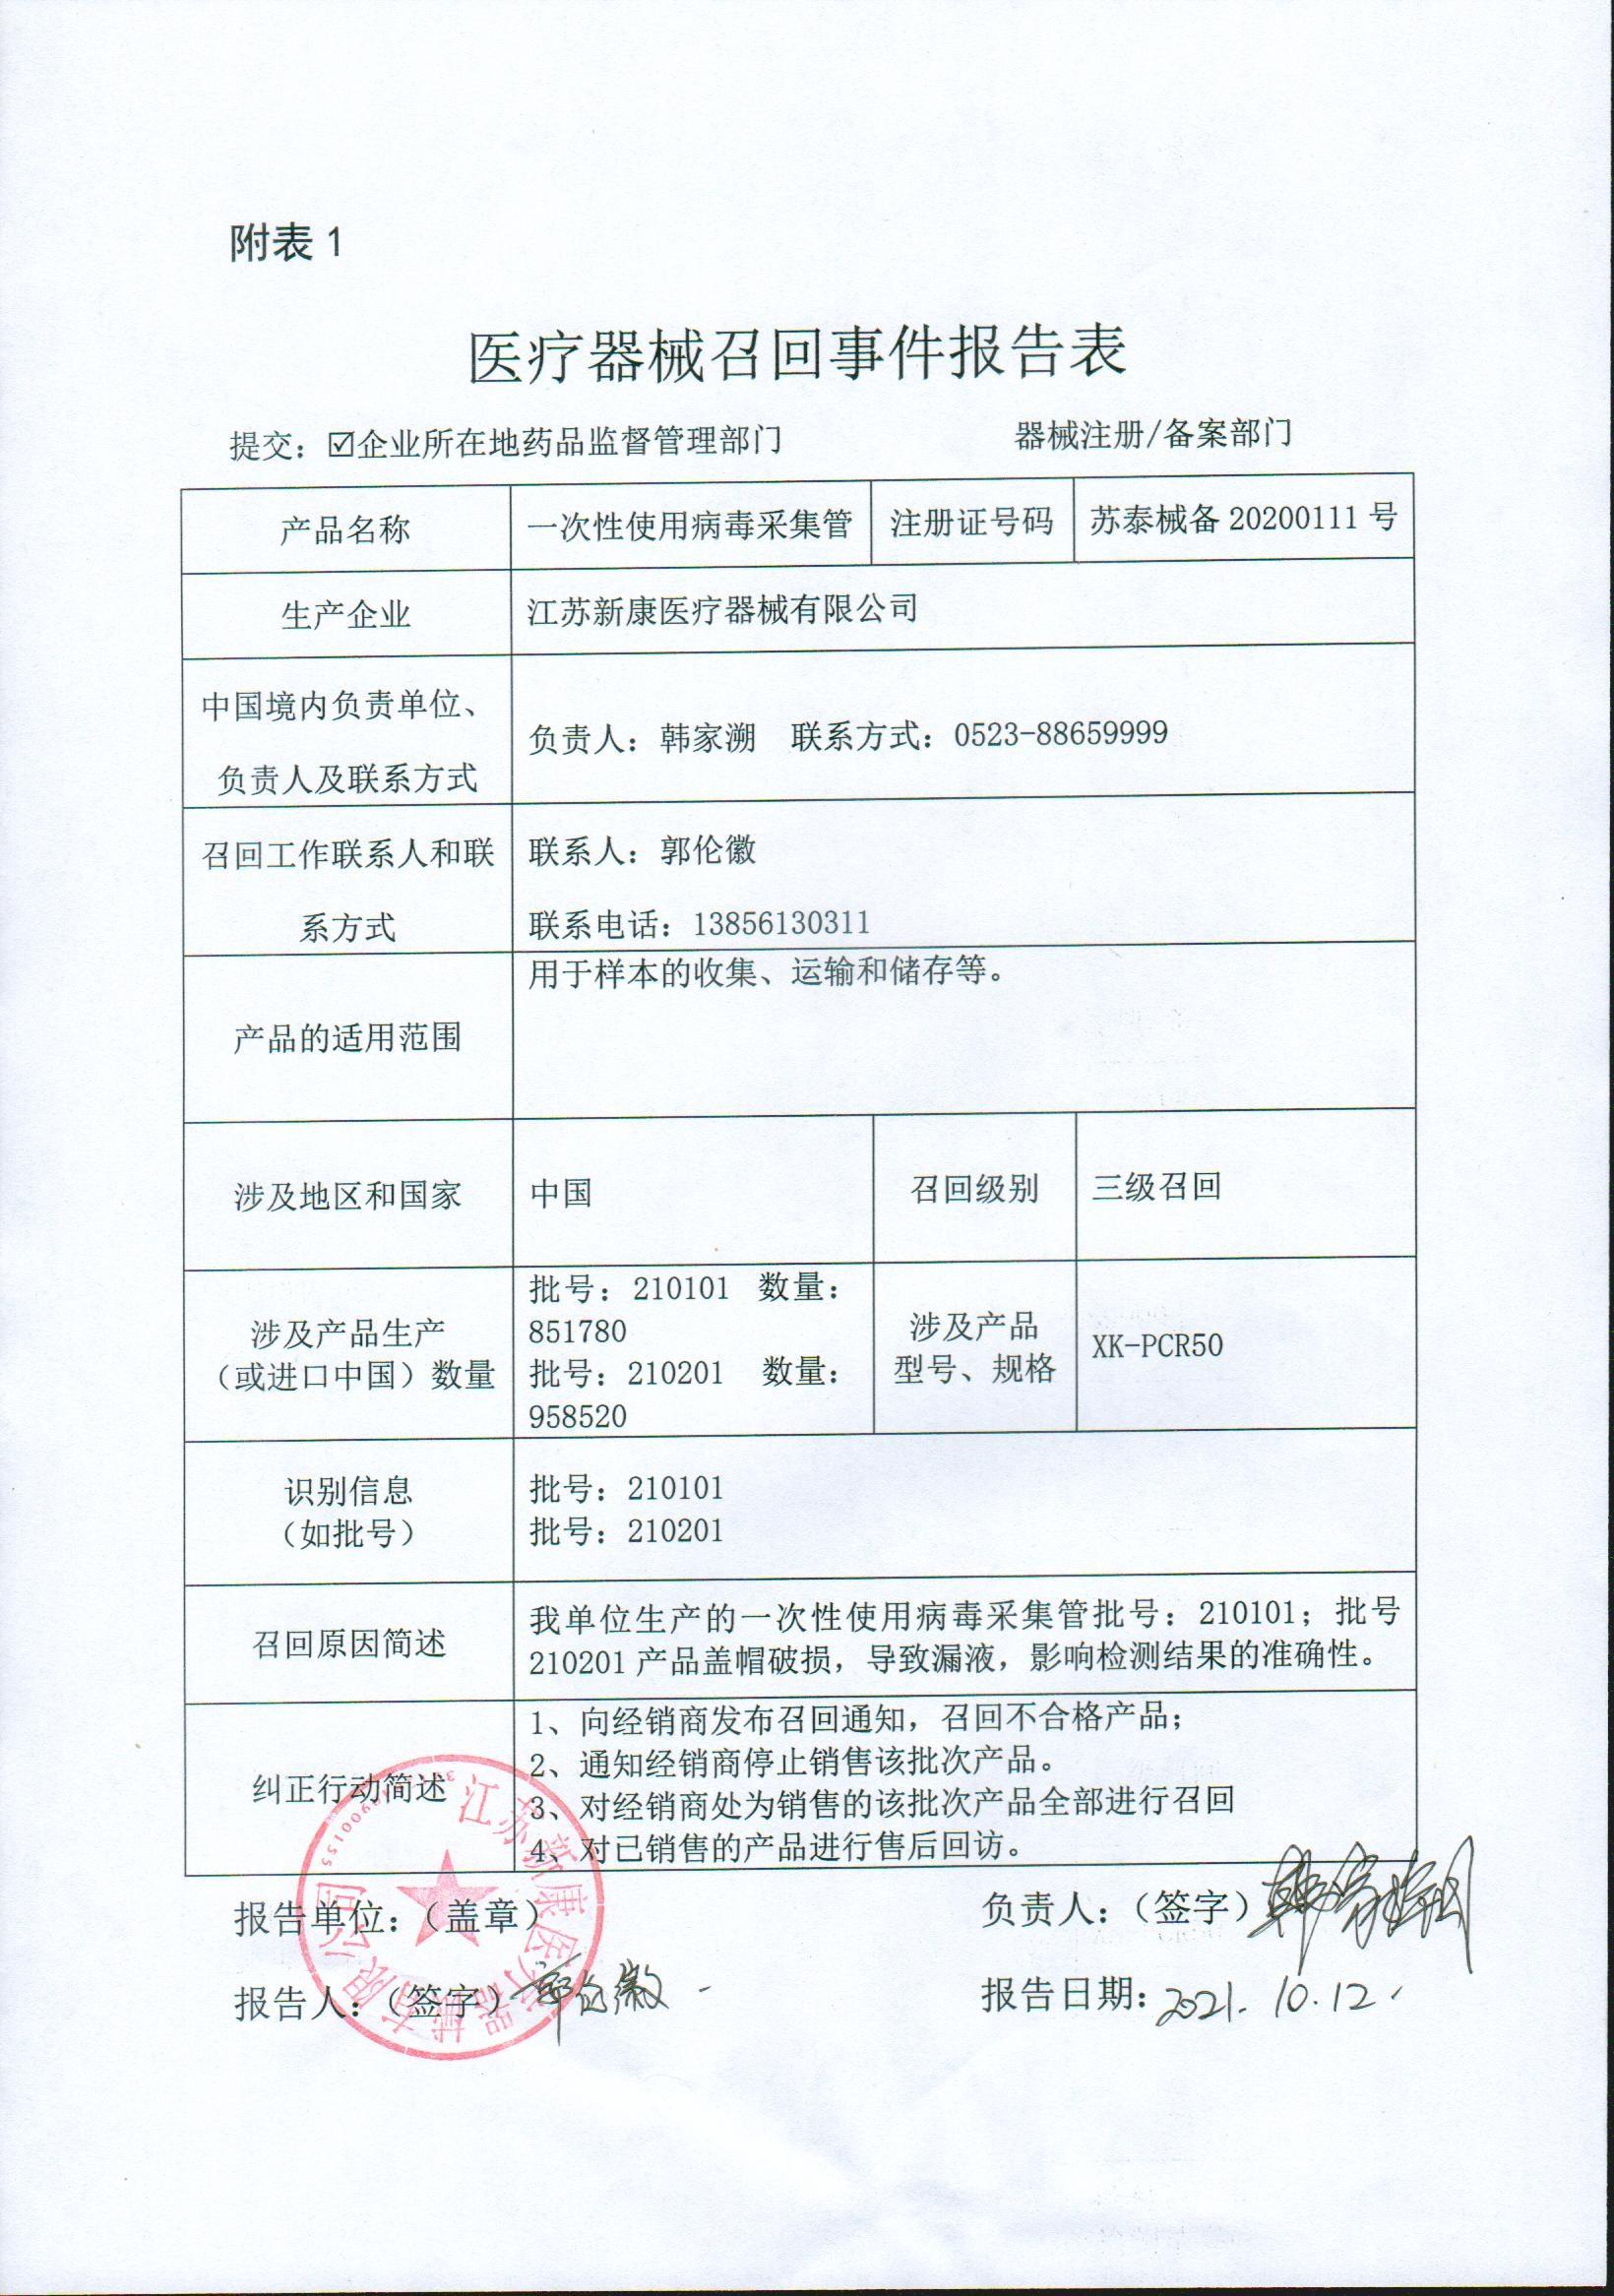 江苏新康医疗器械有限公司对一次性使用病毒采集管主动召回